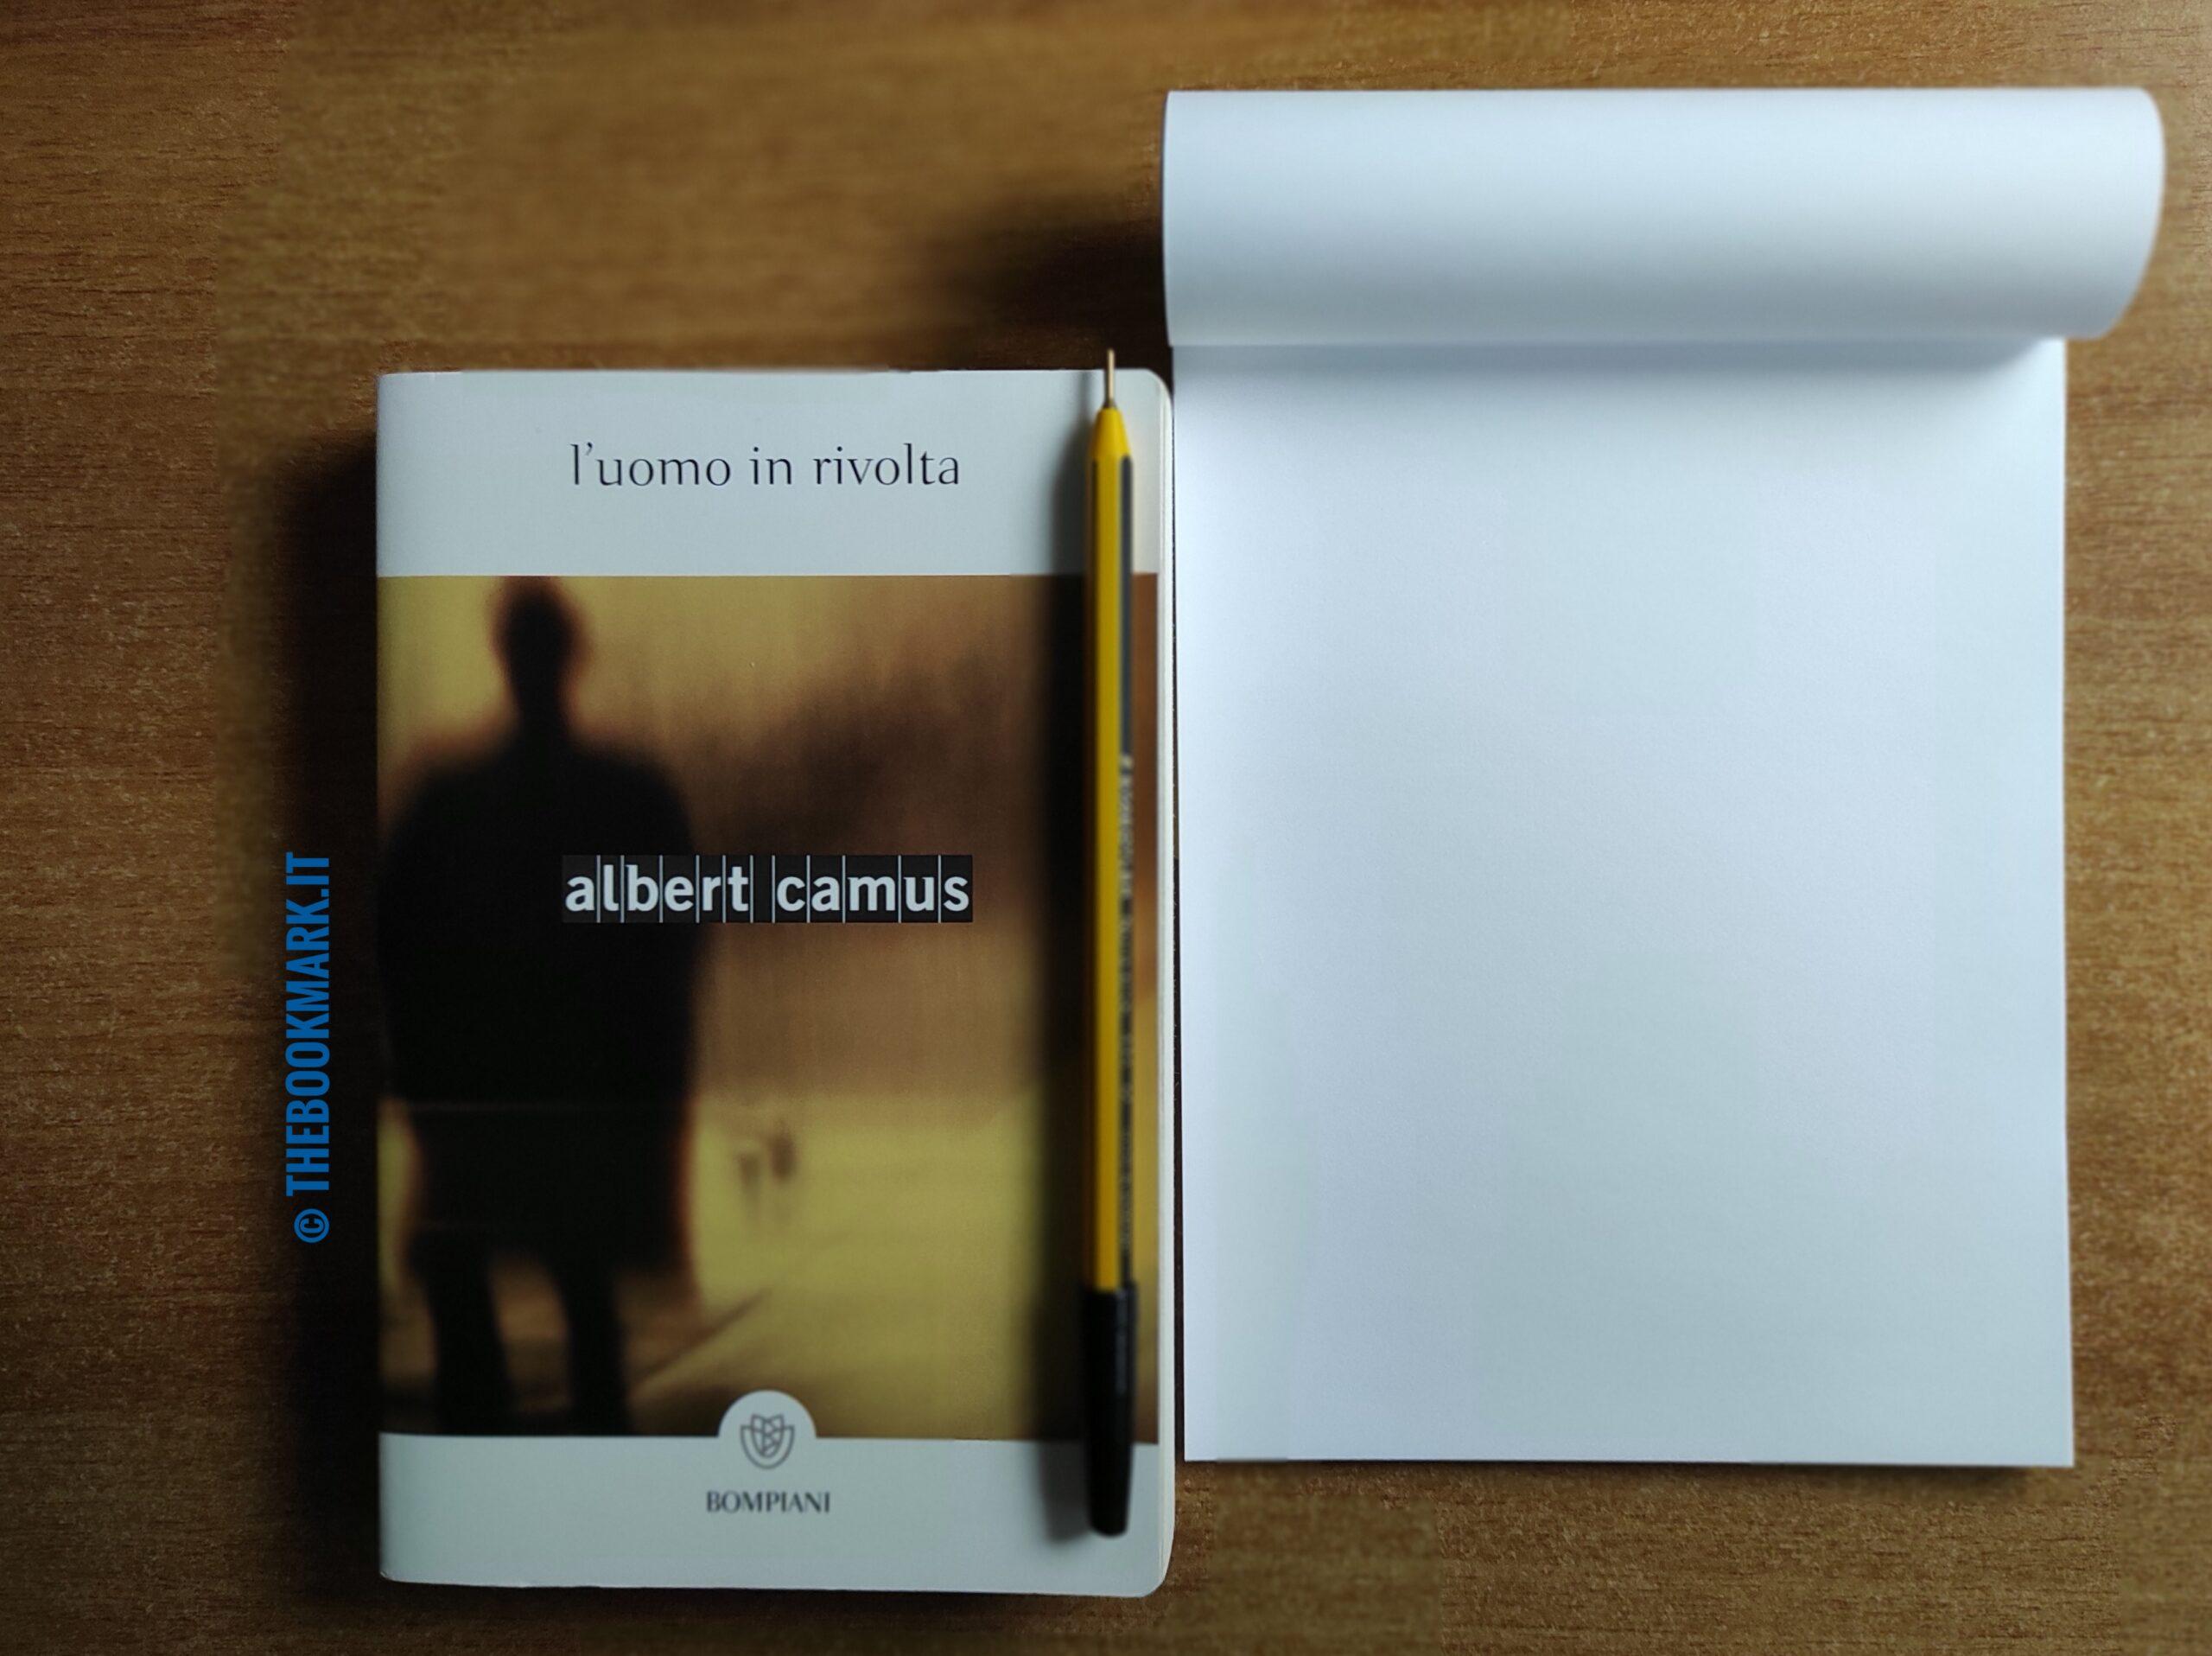 Albert Camus: la rivolta e il destino